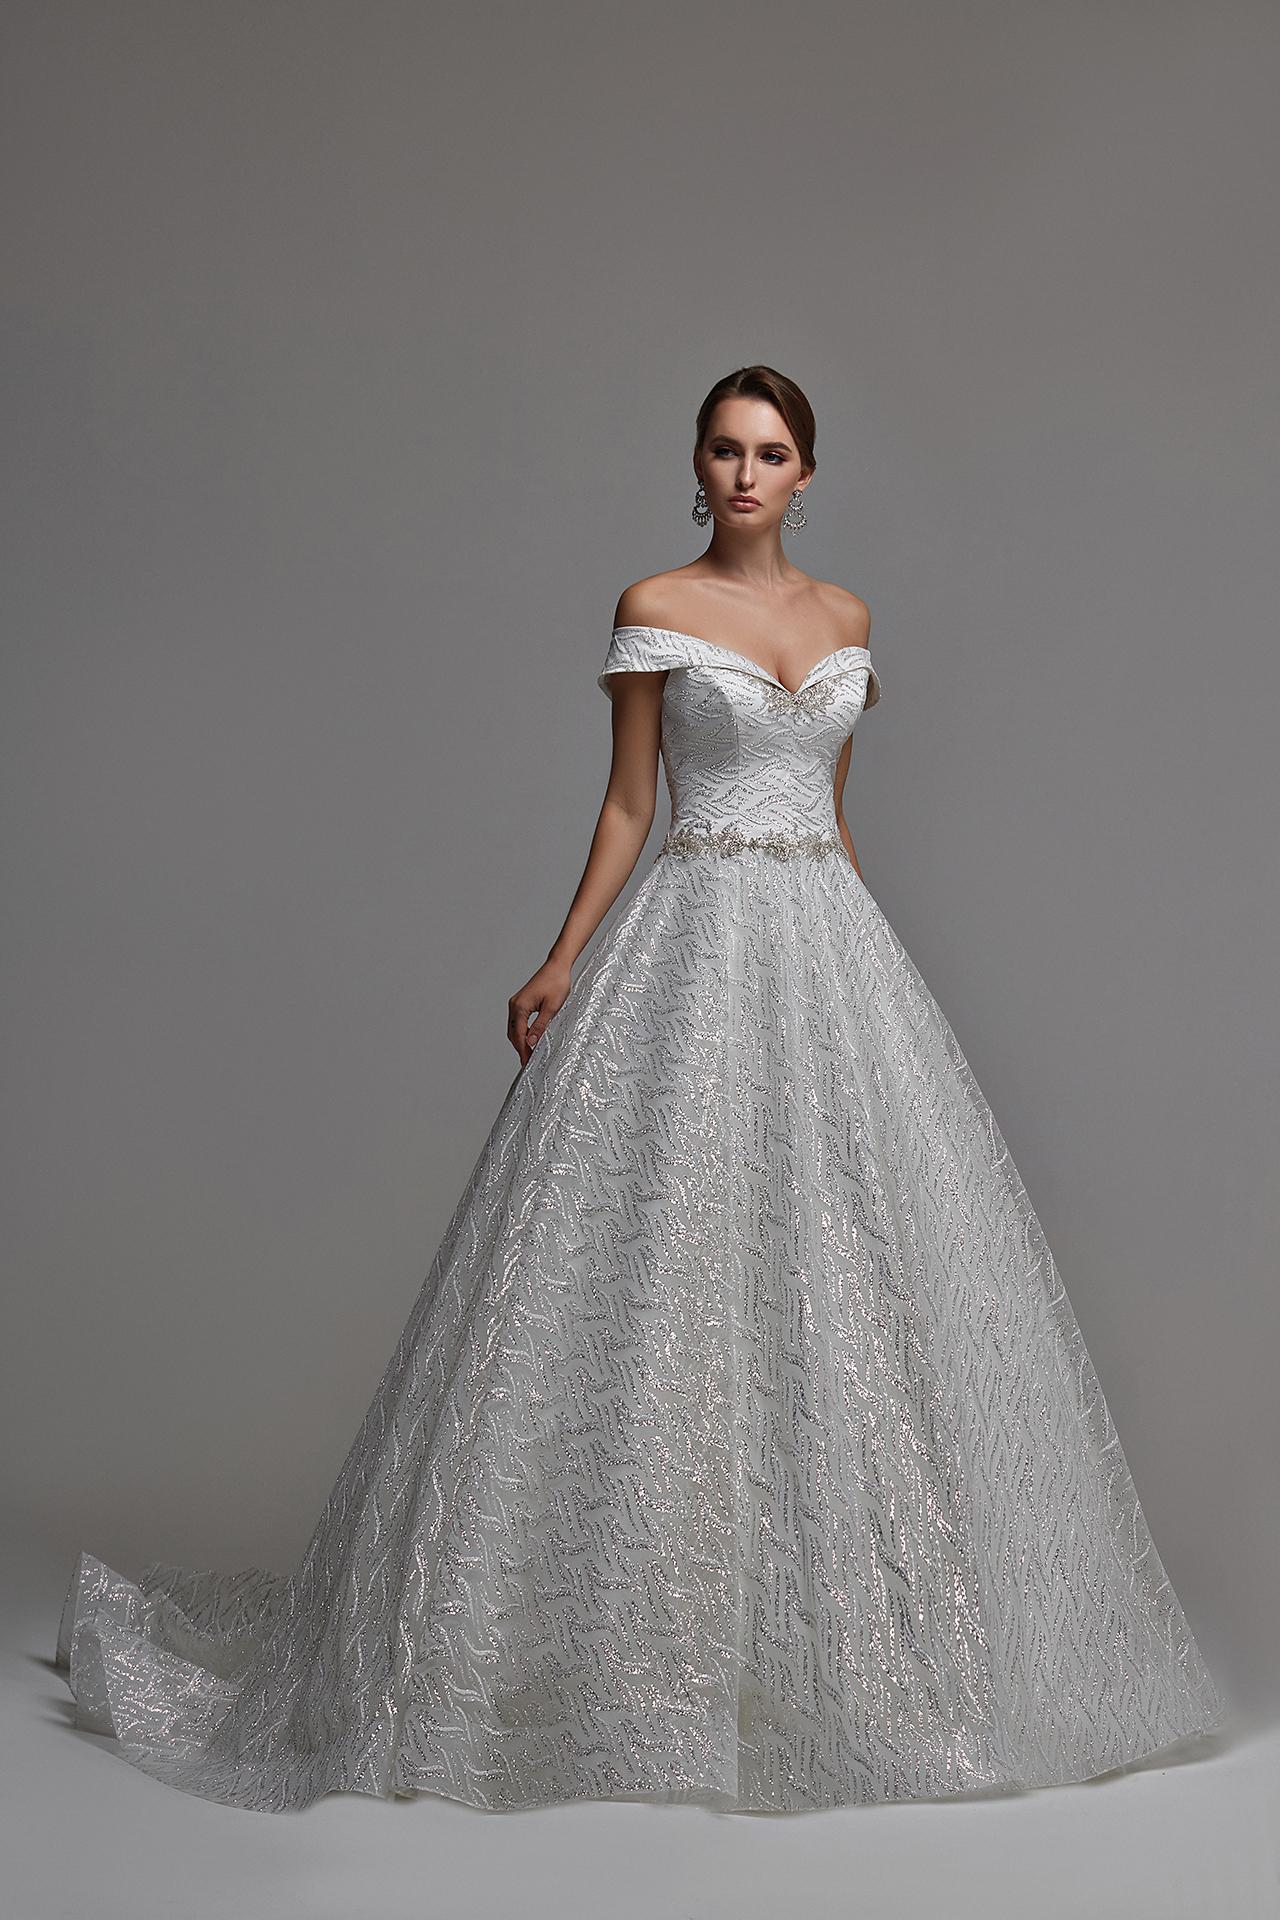 Funkelndes Tüll Ballkleid , Brautkleid mit bestickter Spitze